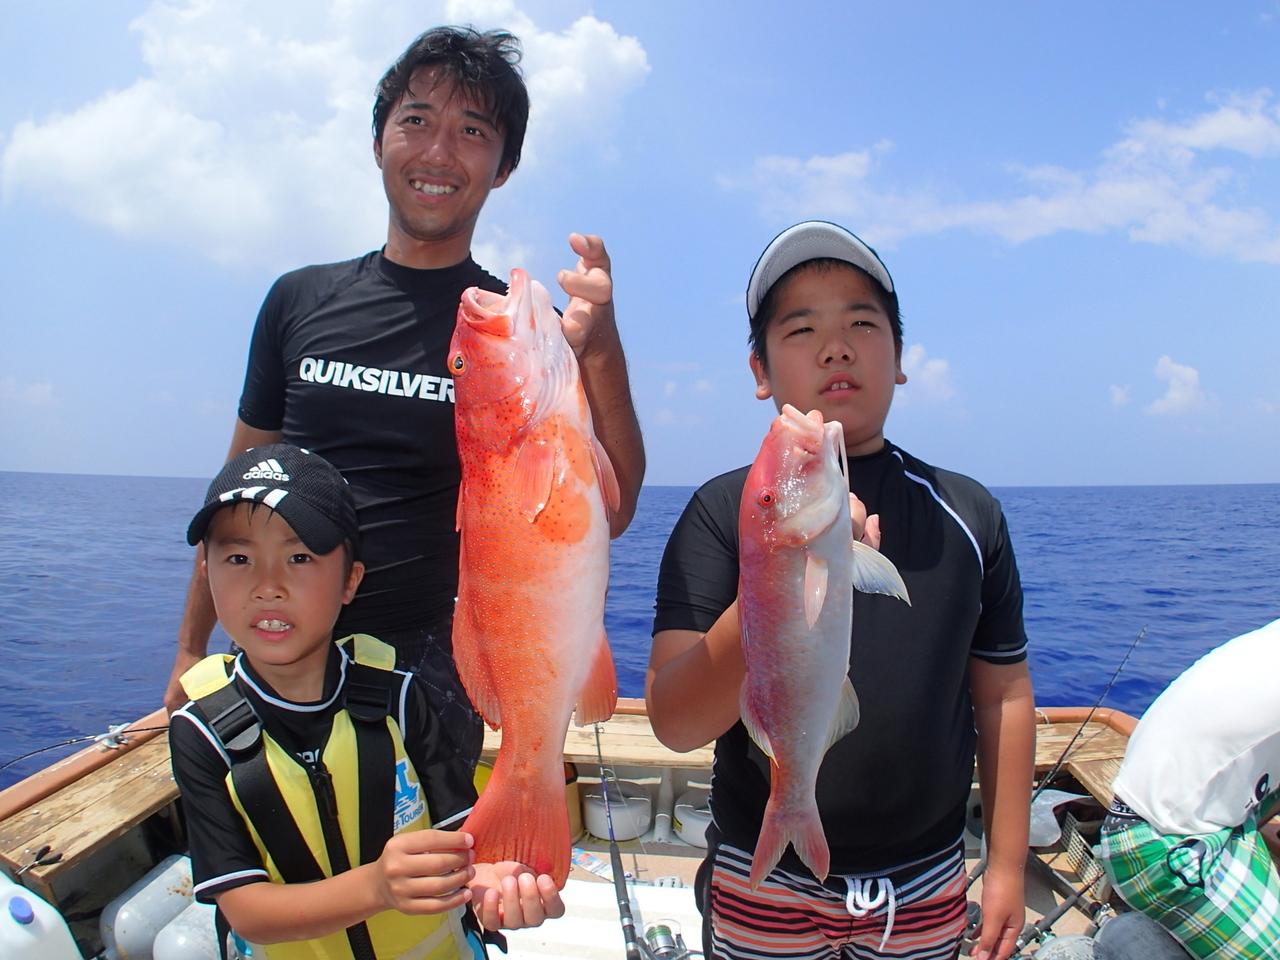 【1日コース】Eコース:石垣島フィッシング&幻の島上陸!トロピカルシュノーケル(コース①+コース④)